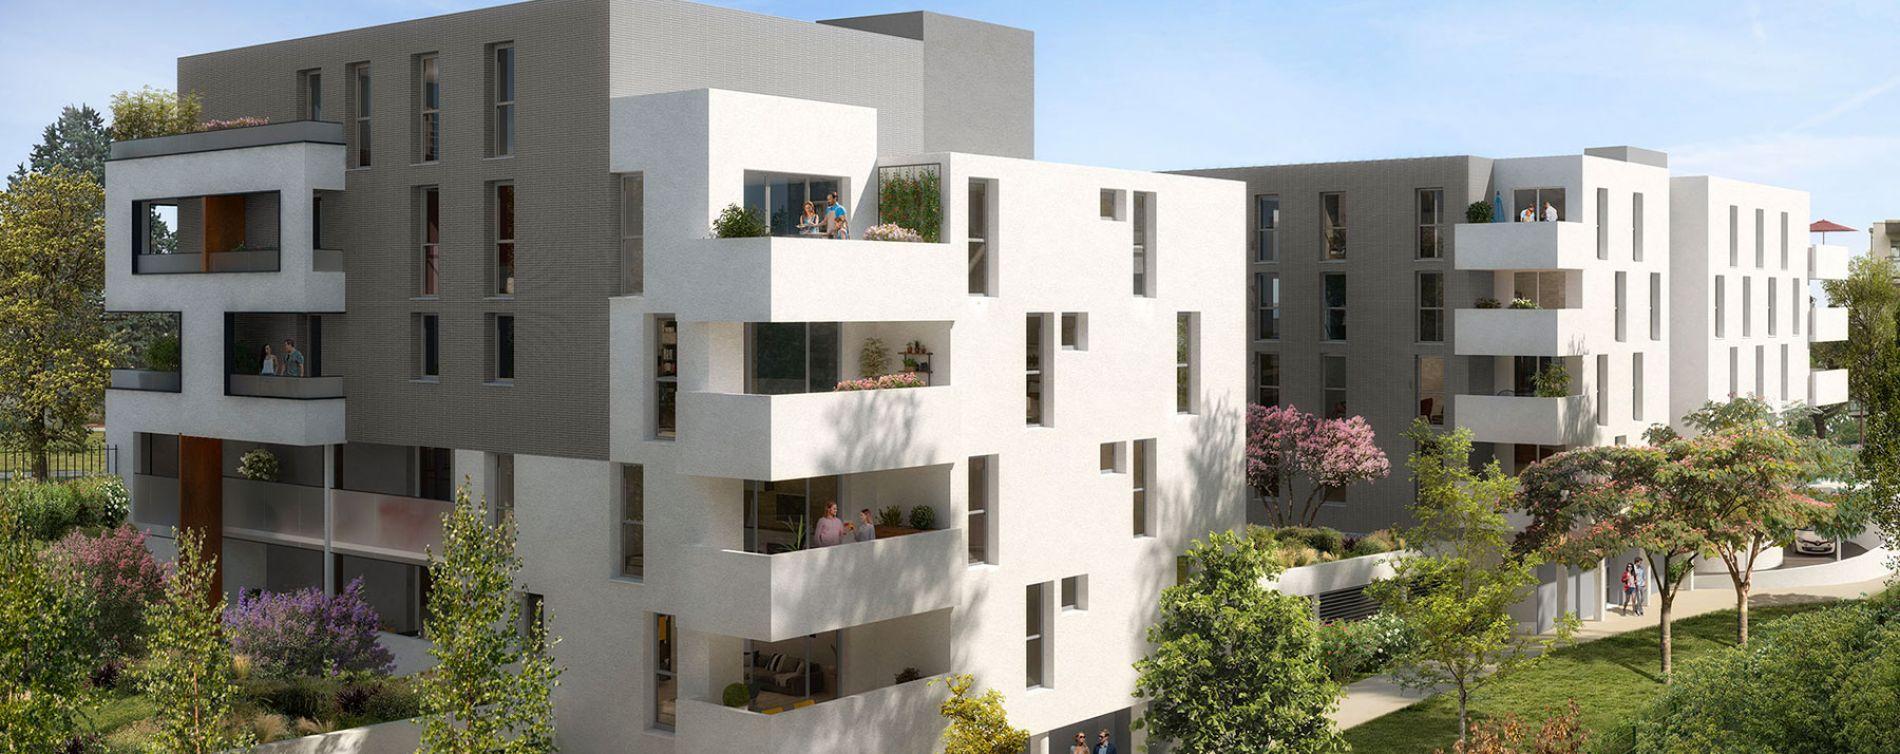 Résidence Jolis'Monts à Toulouse